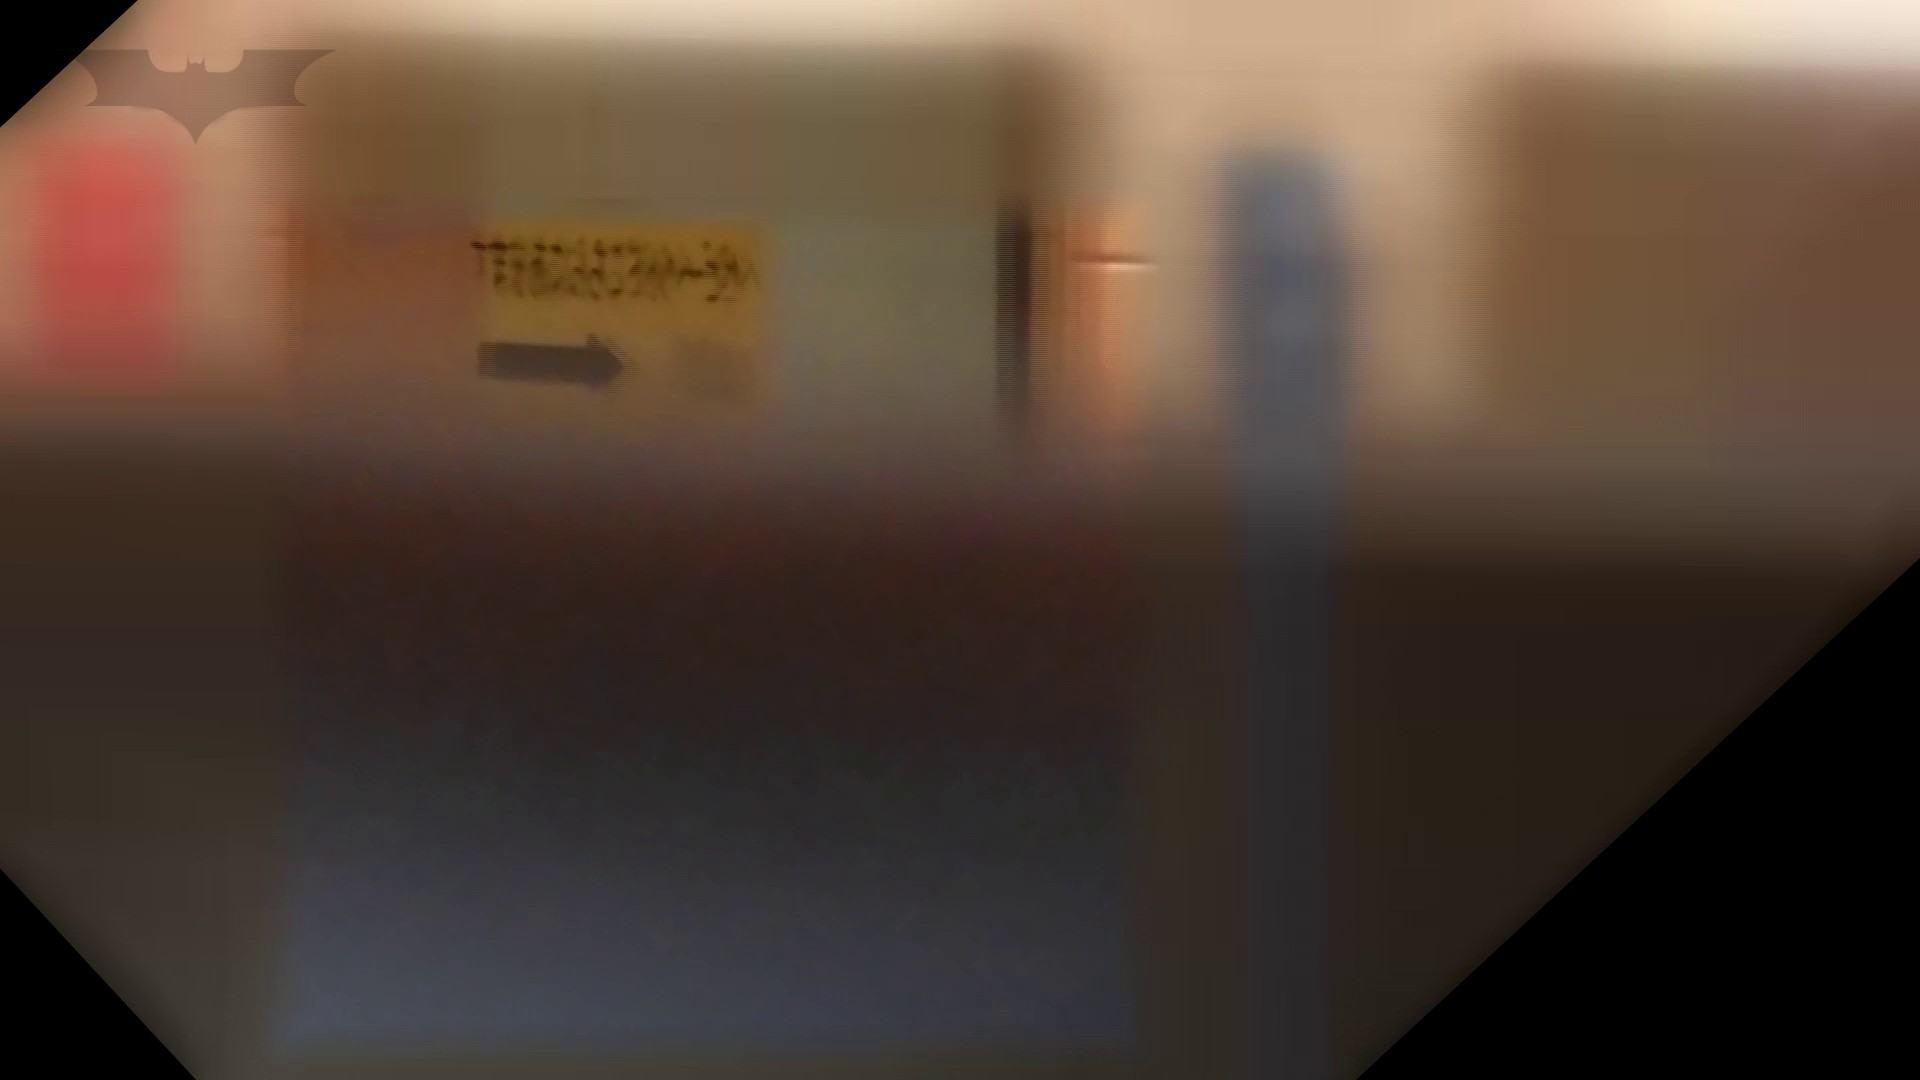 【04位 2016】第三体育館潜入撮File030 潜入 おまんこ動画流出 104PIX 77